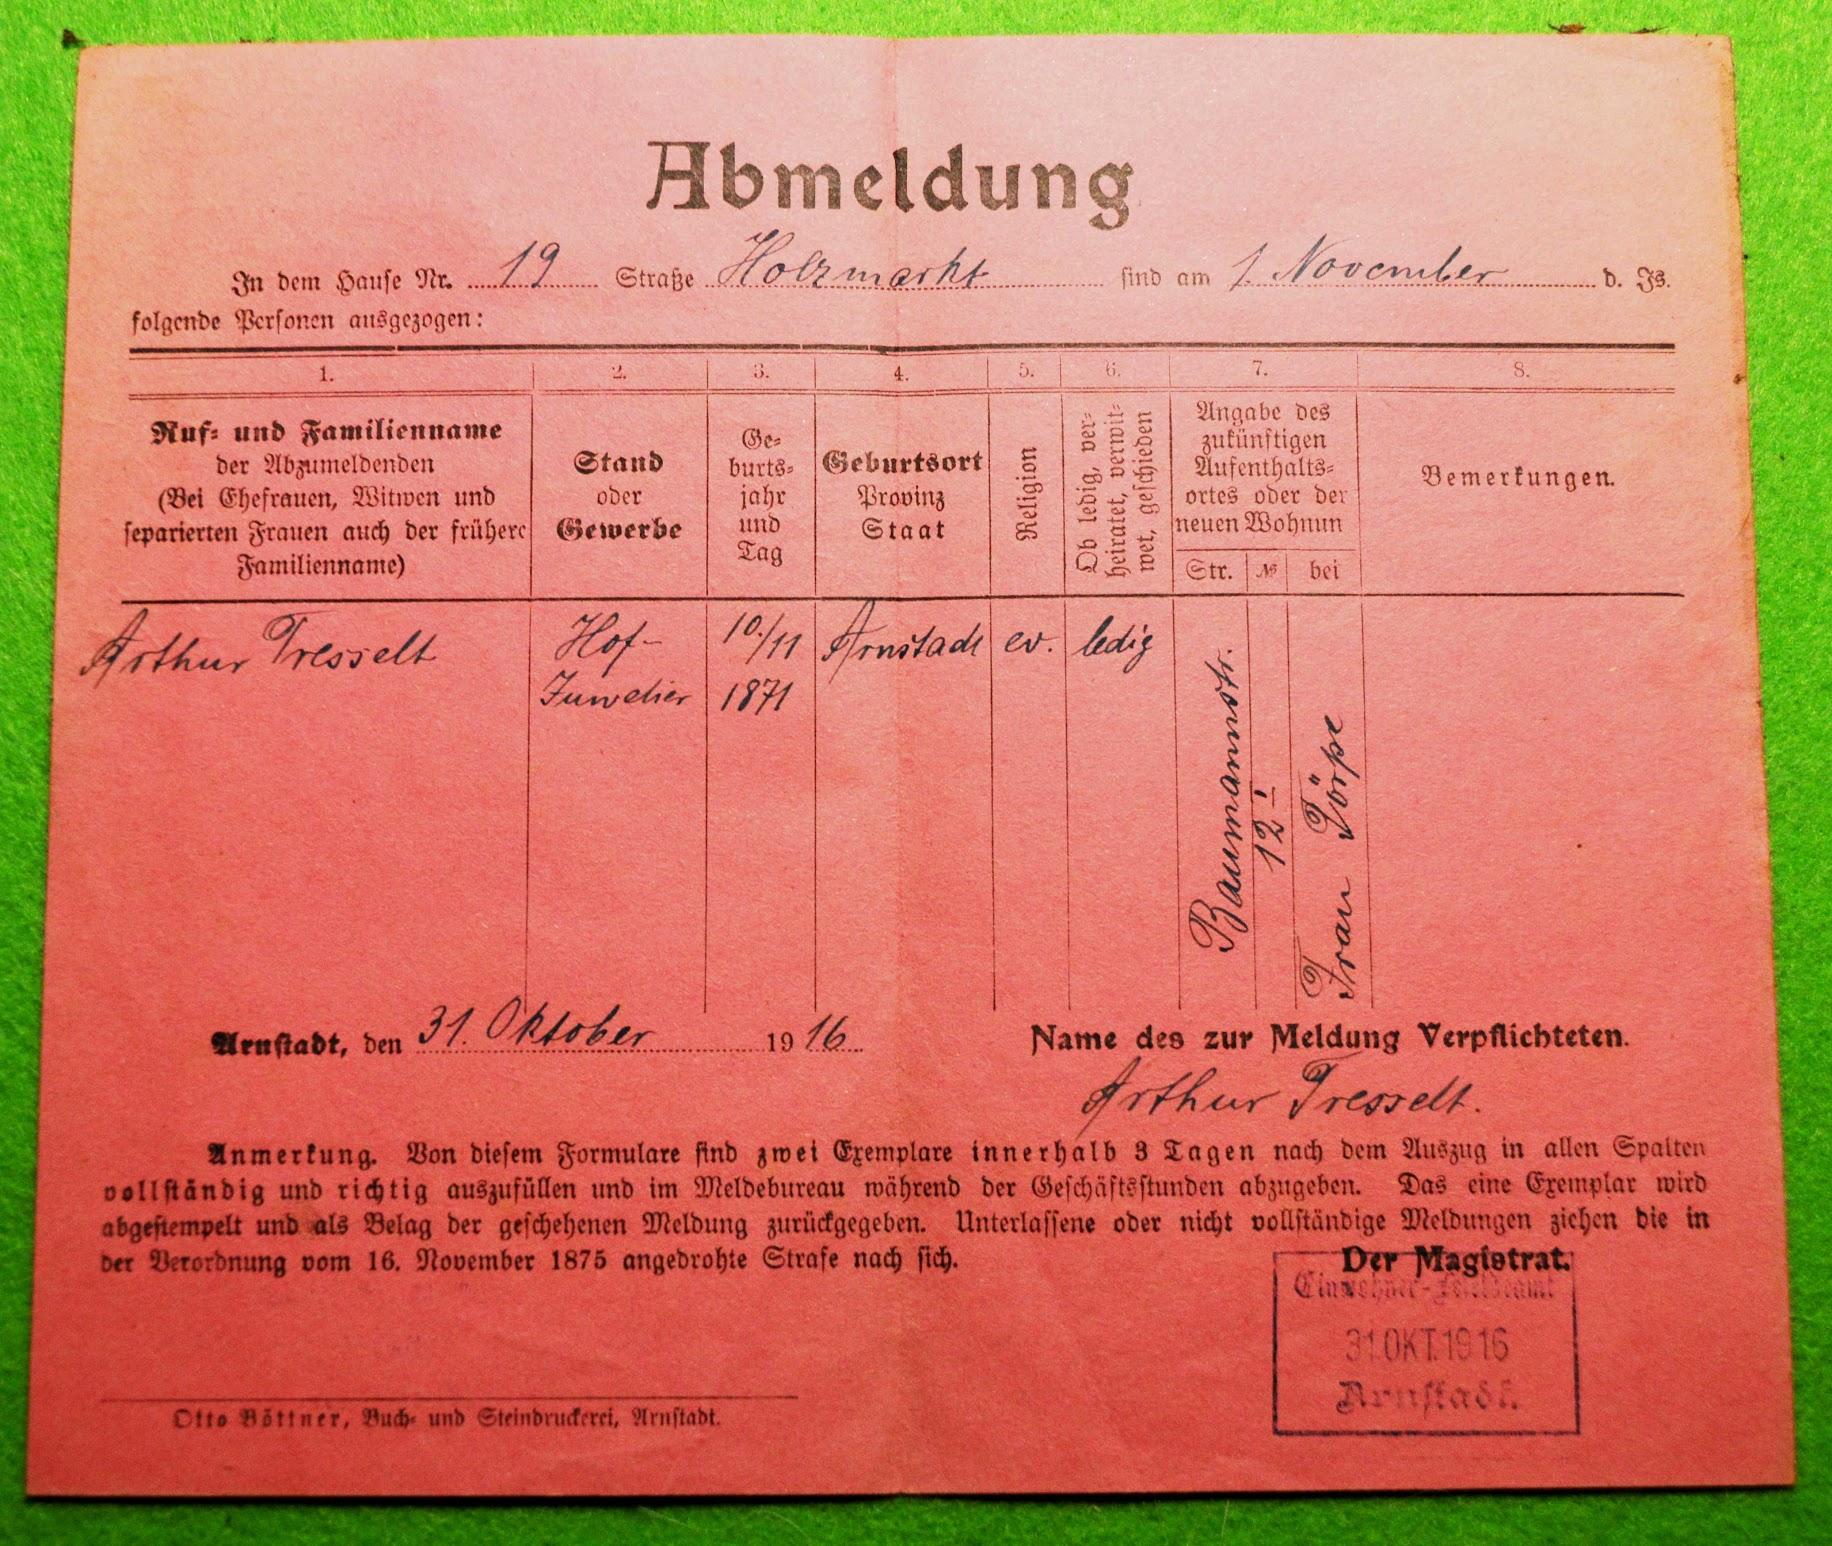 Meldebescheinigung, 1916, Arnstadt